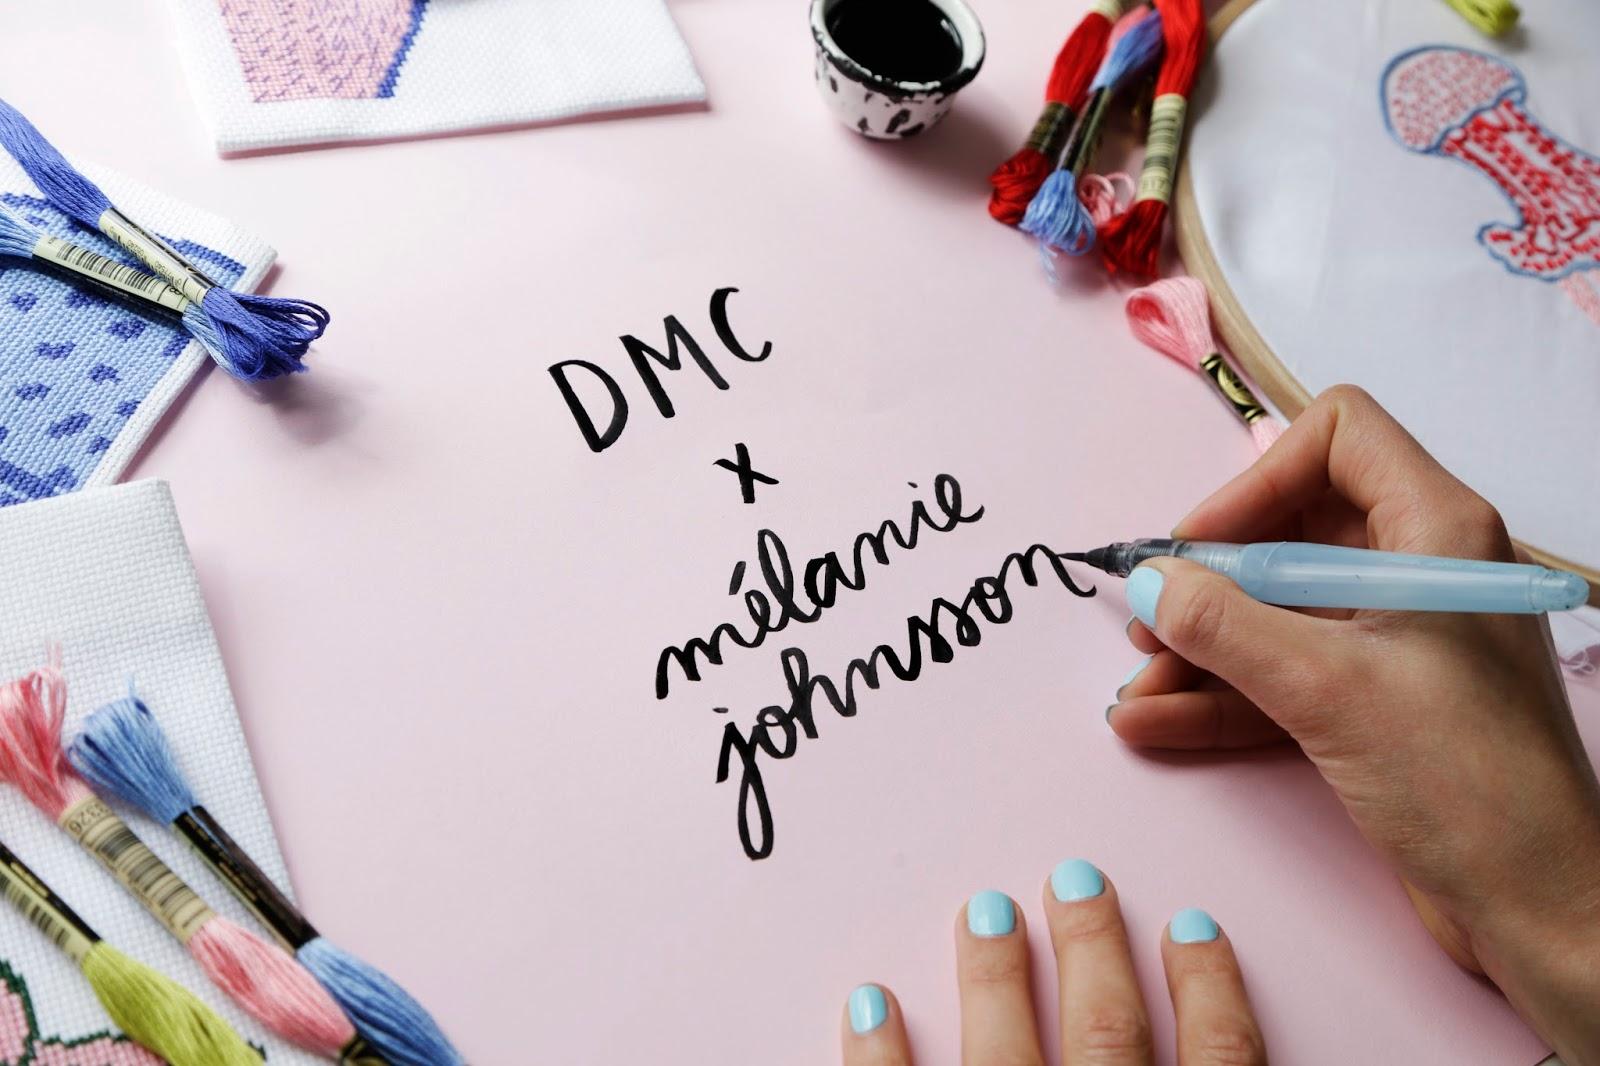 El blog de Dmc: Melanie Johnsson por DMC, una historia bordada